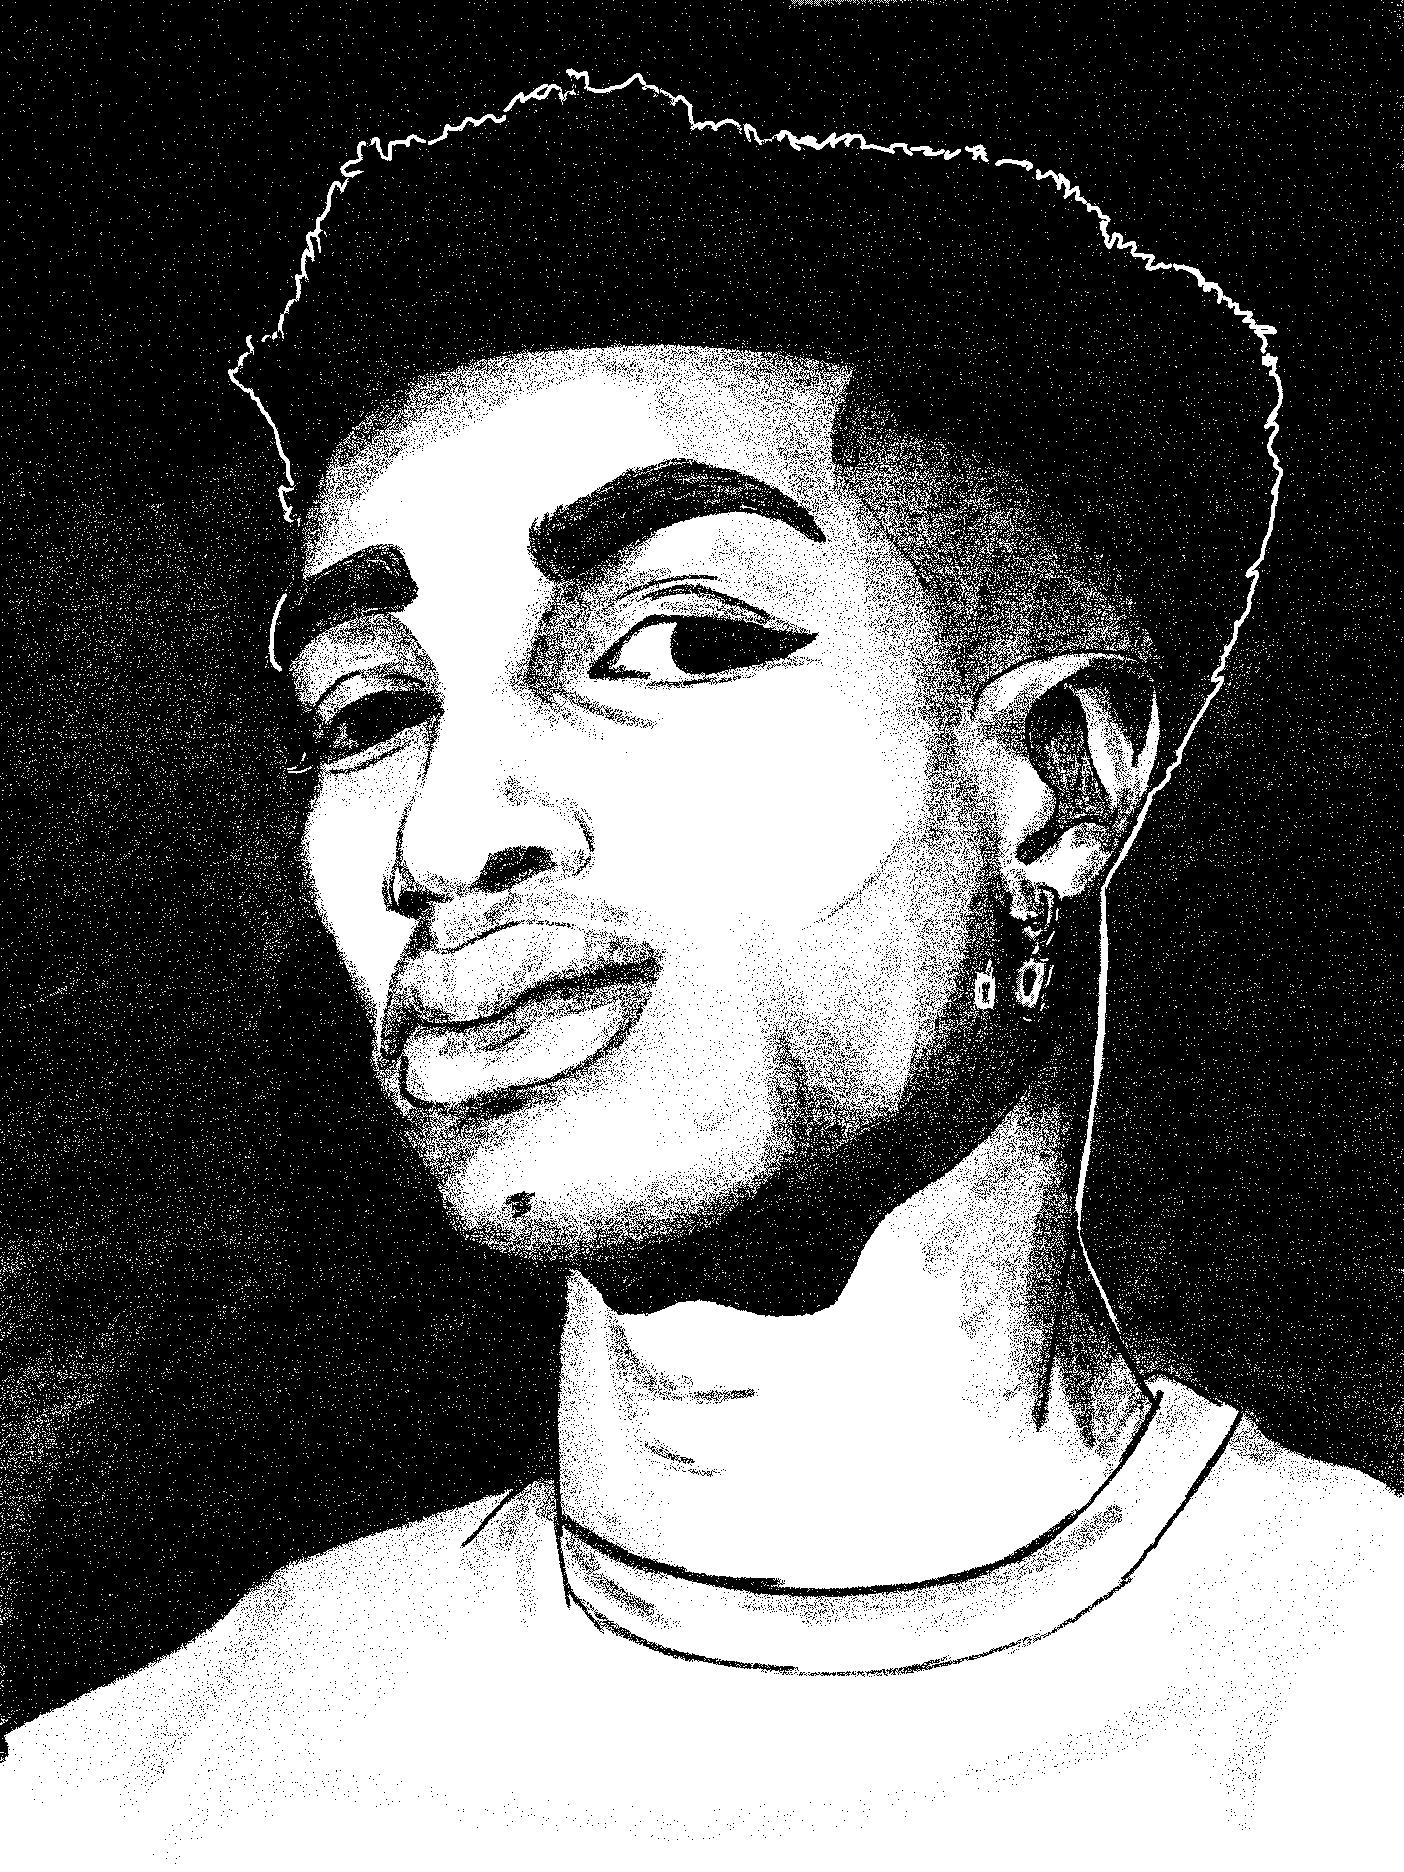 Drawn portrait of a man